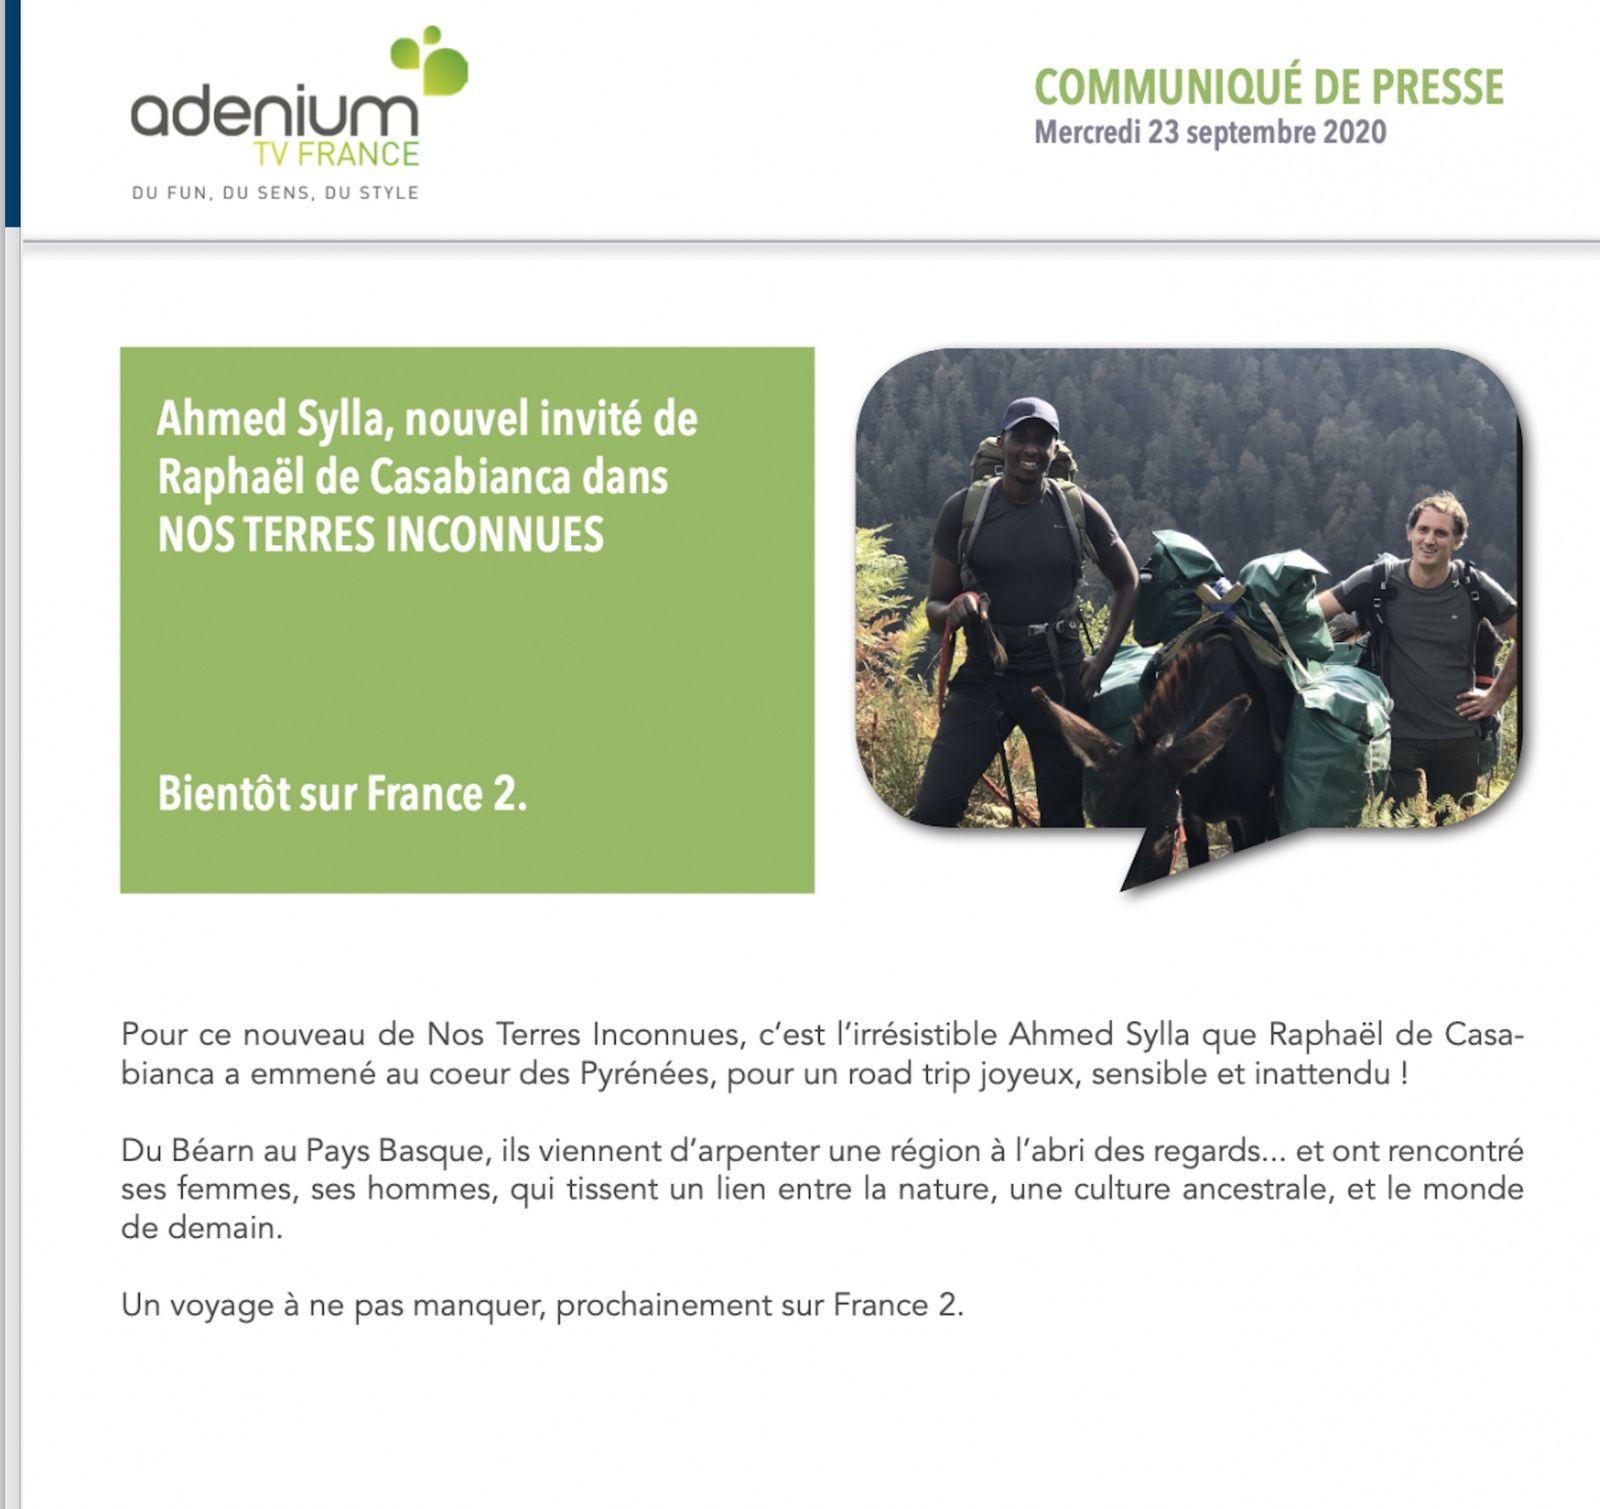 """Ahmed Sylla, prochain participant de """"Nos Terres inconnues"""" sur France 2."""